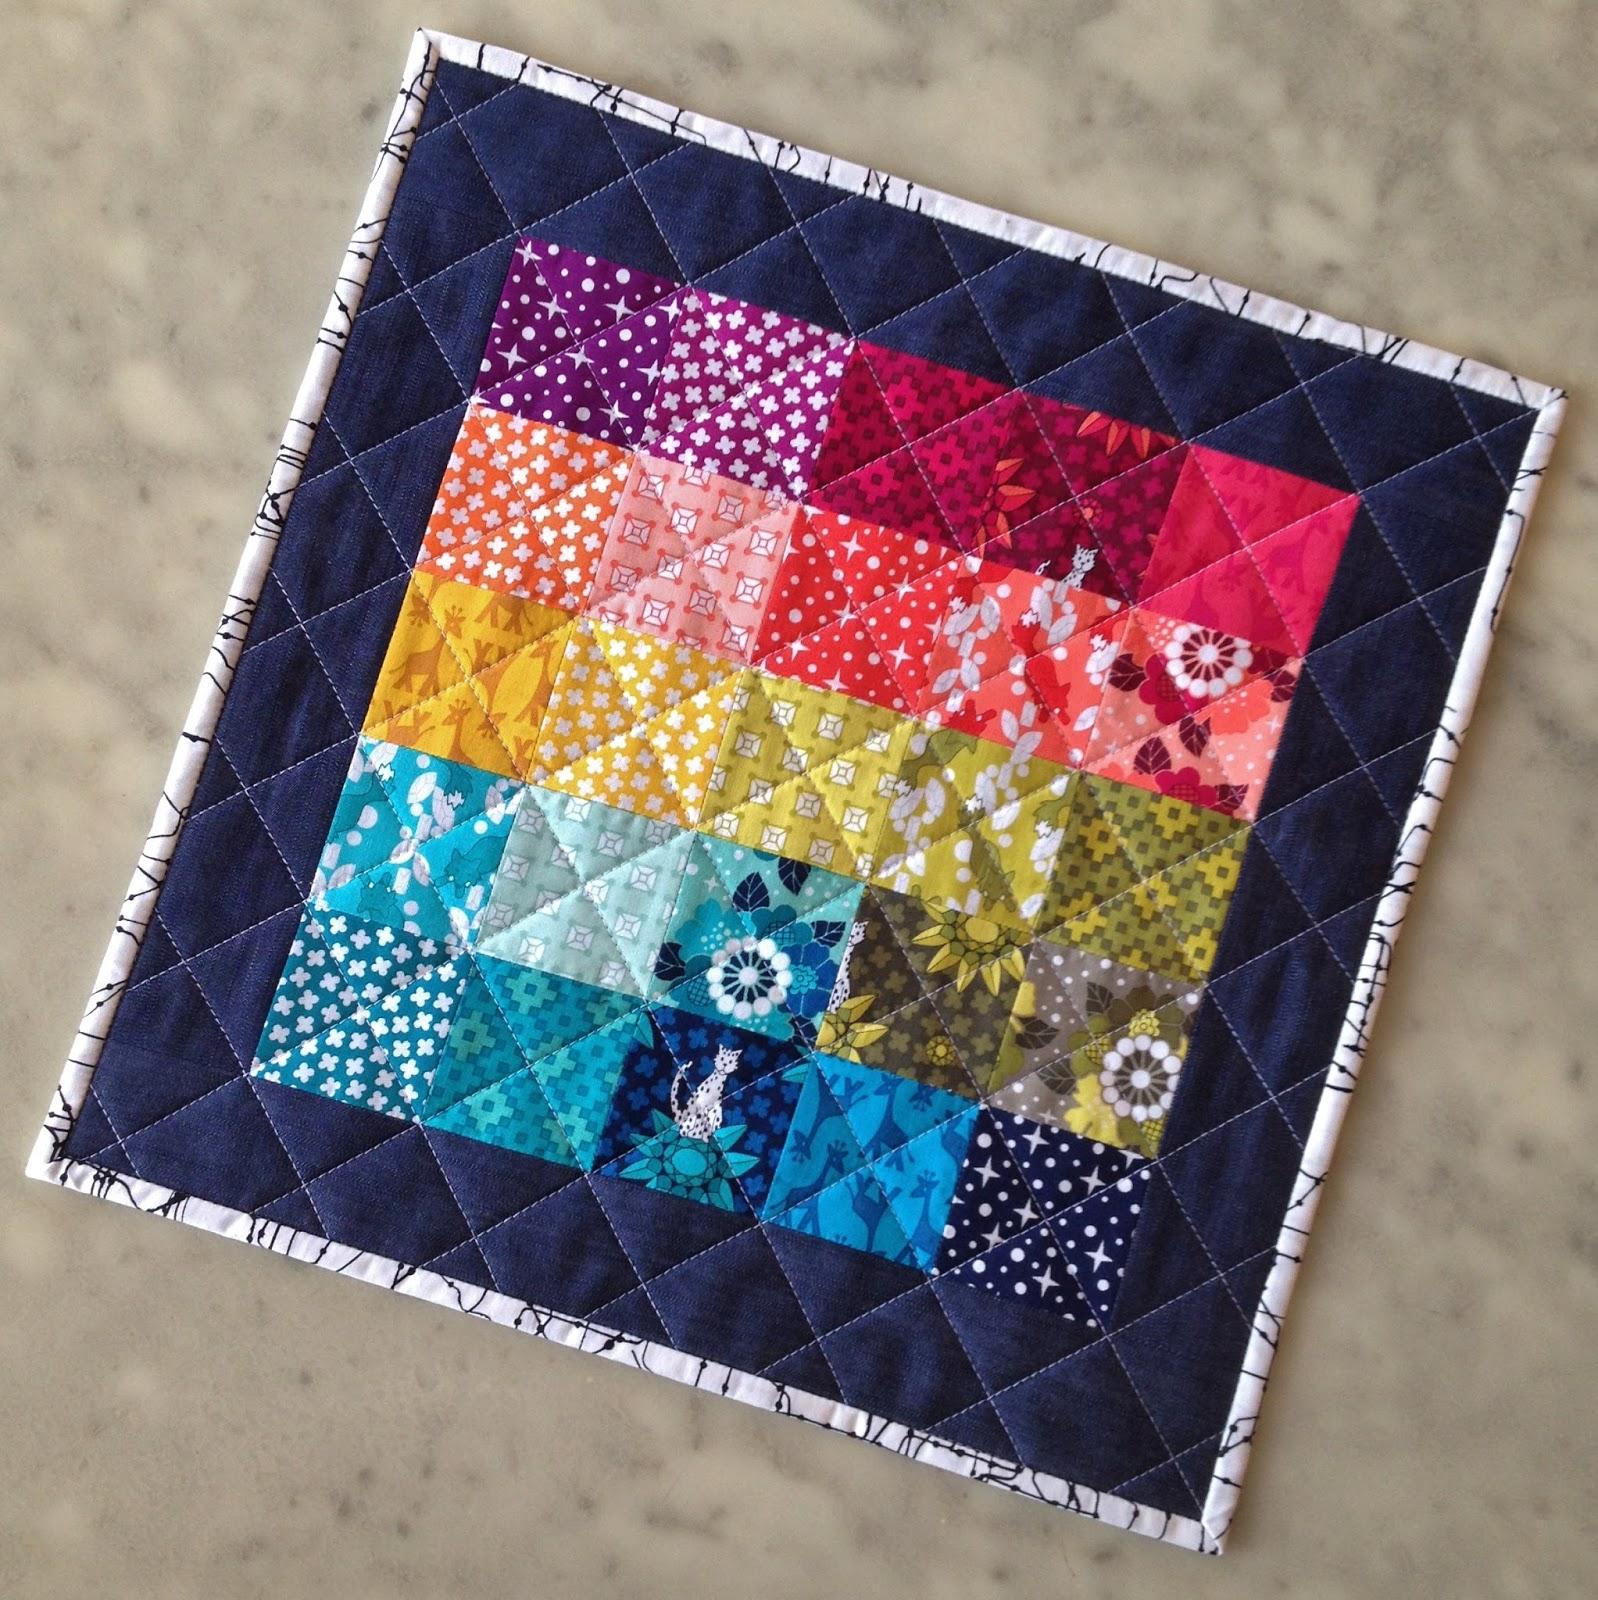 http://ablueskykindoflife.blogspot.com/2015/07/rhoda-ruth-mini-quilt.html